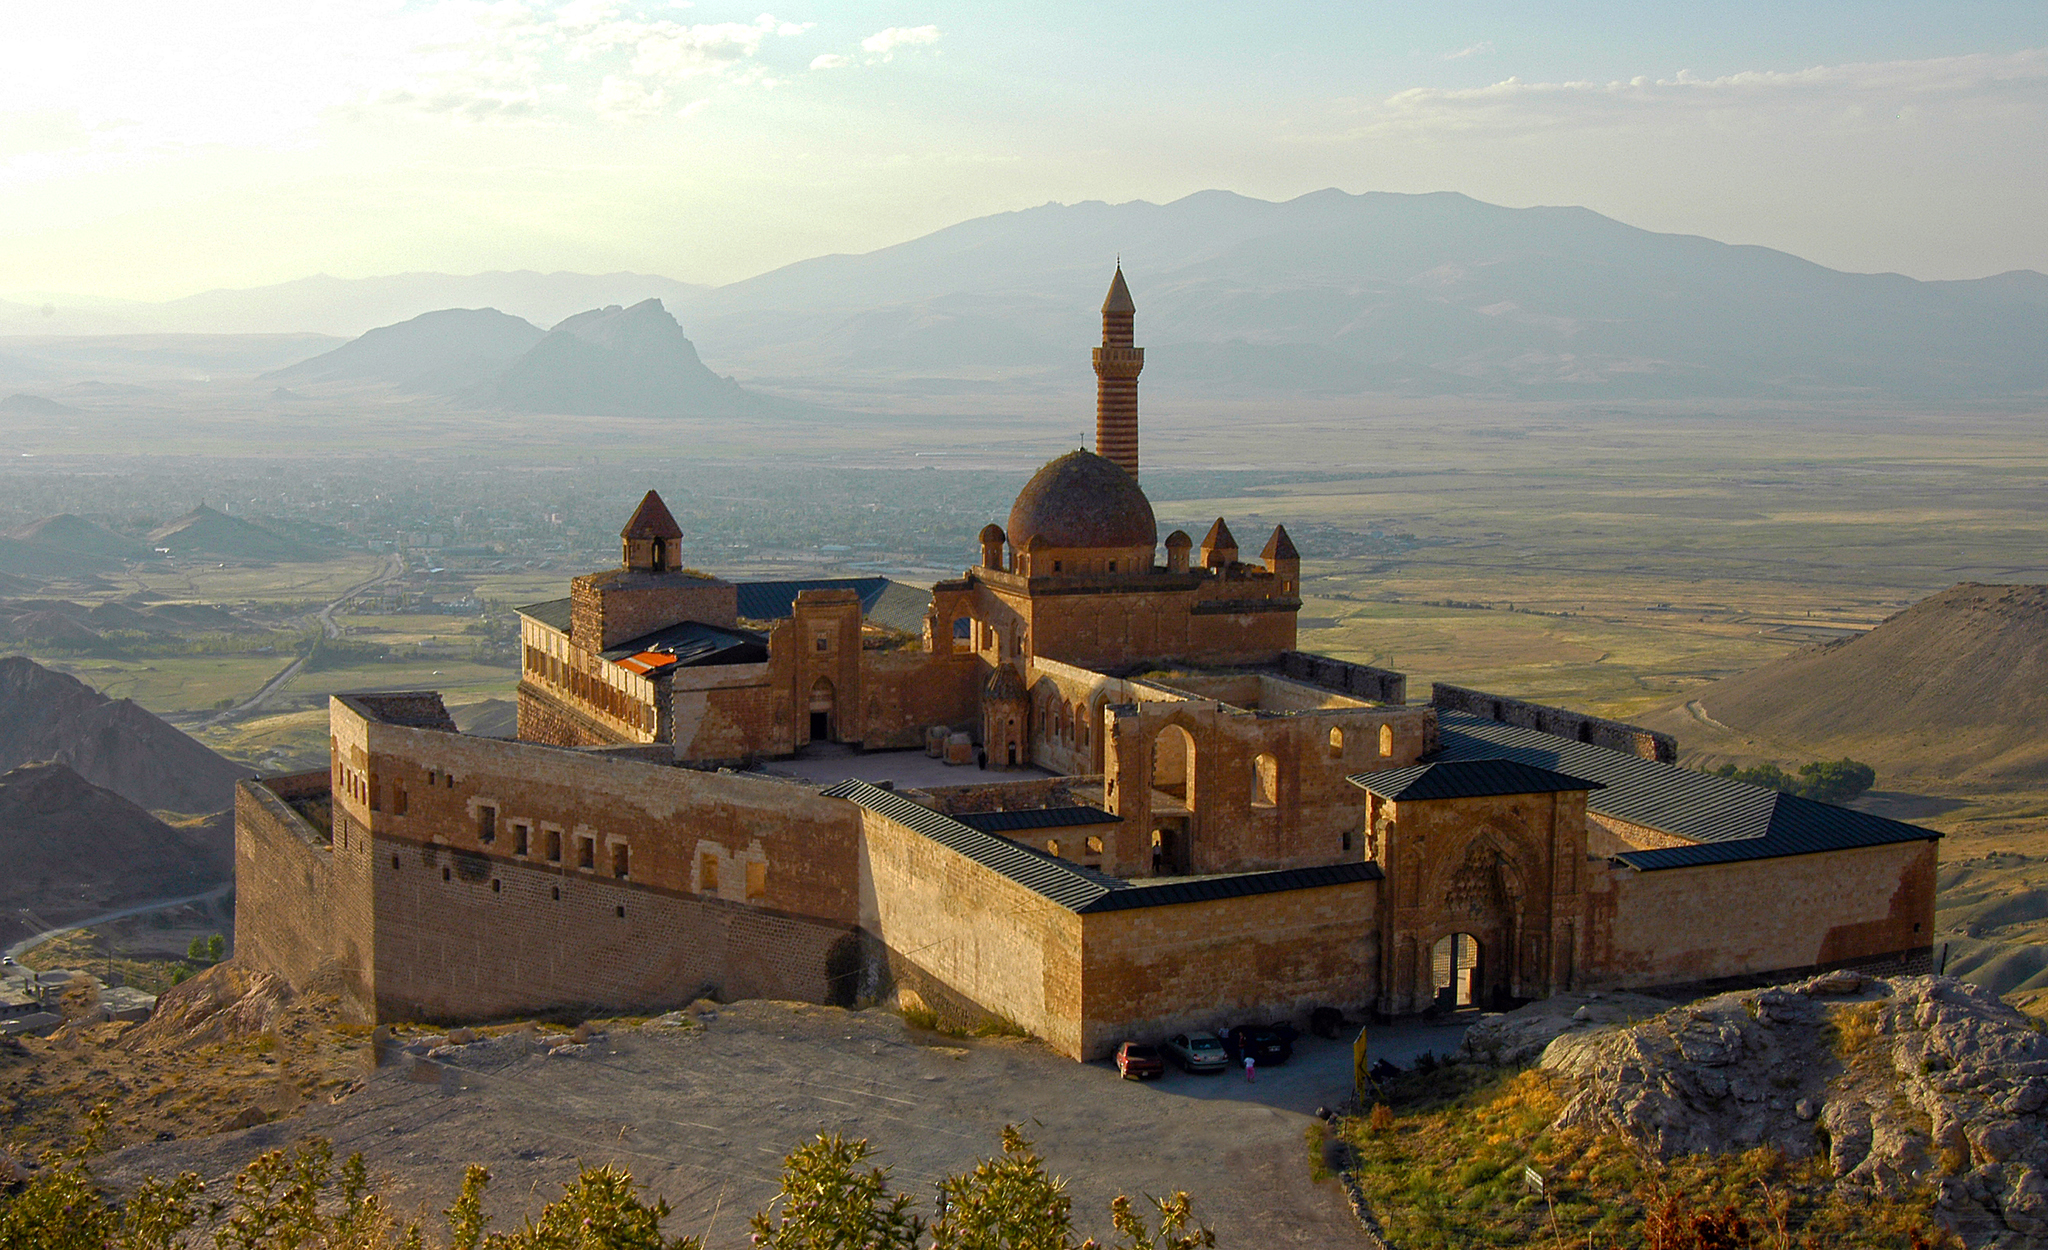 2005 / Dogubayazit, Ishak Pasha Palace